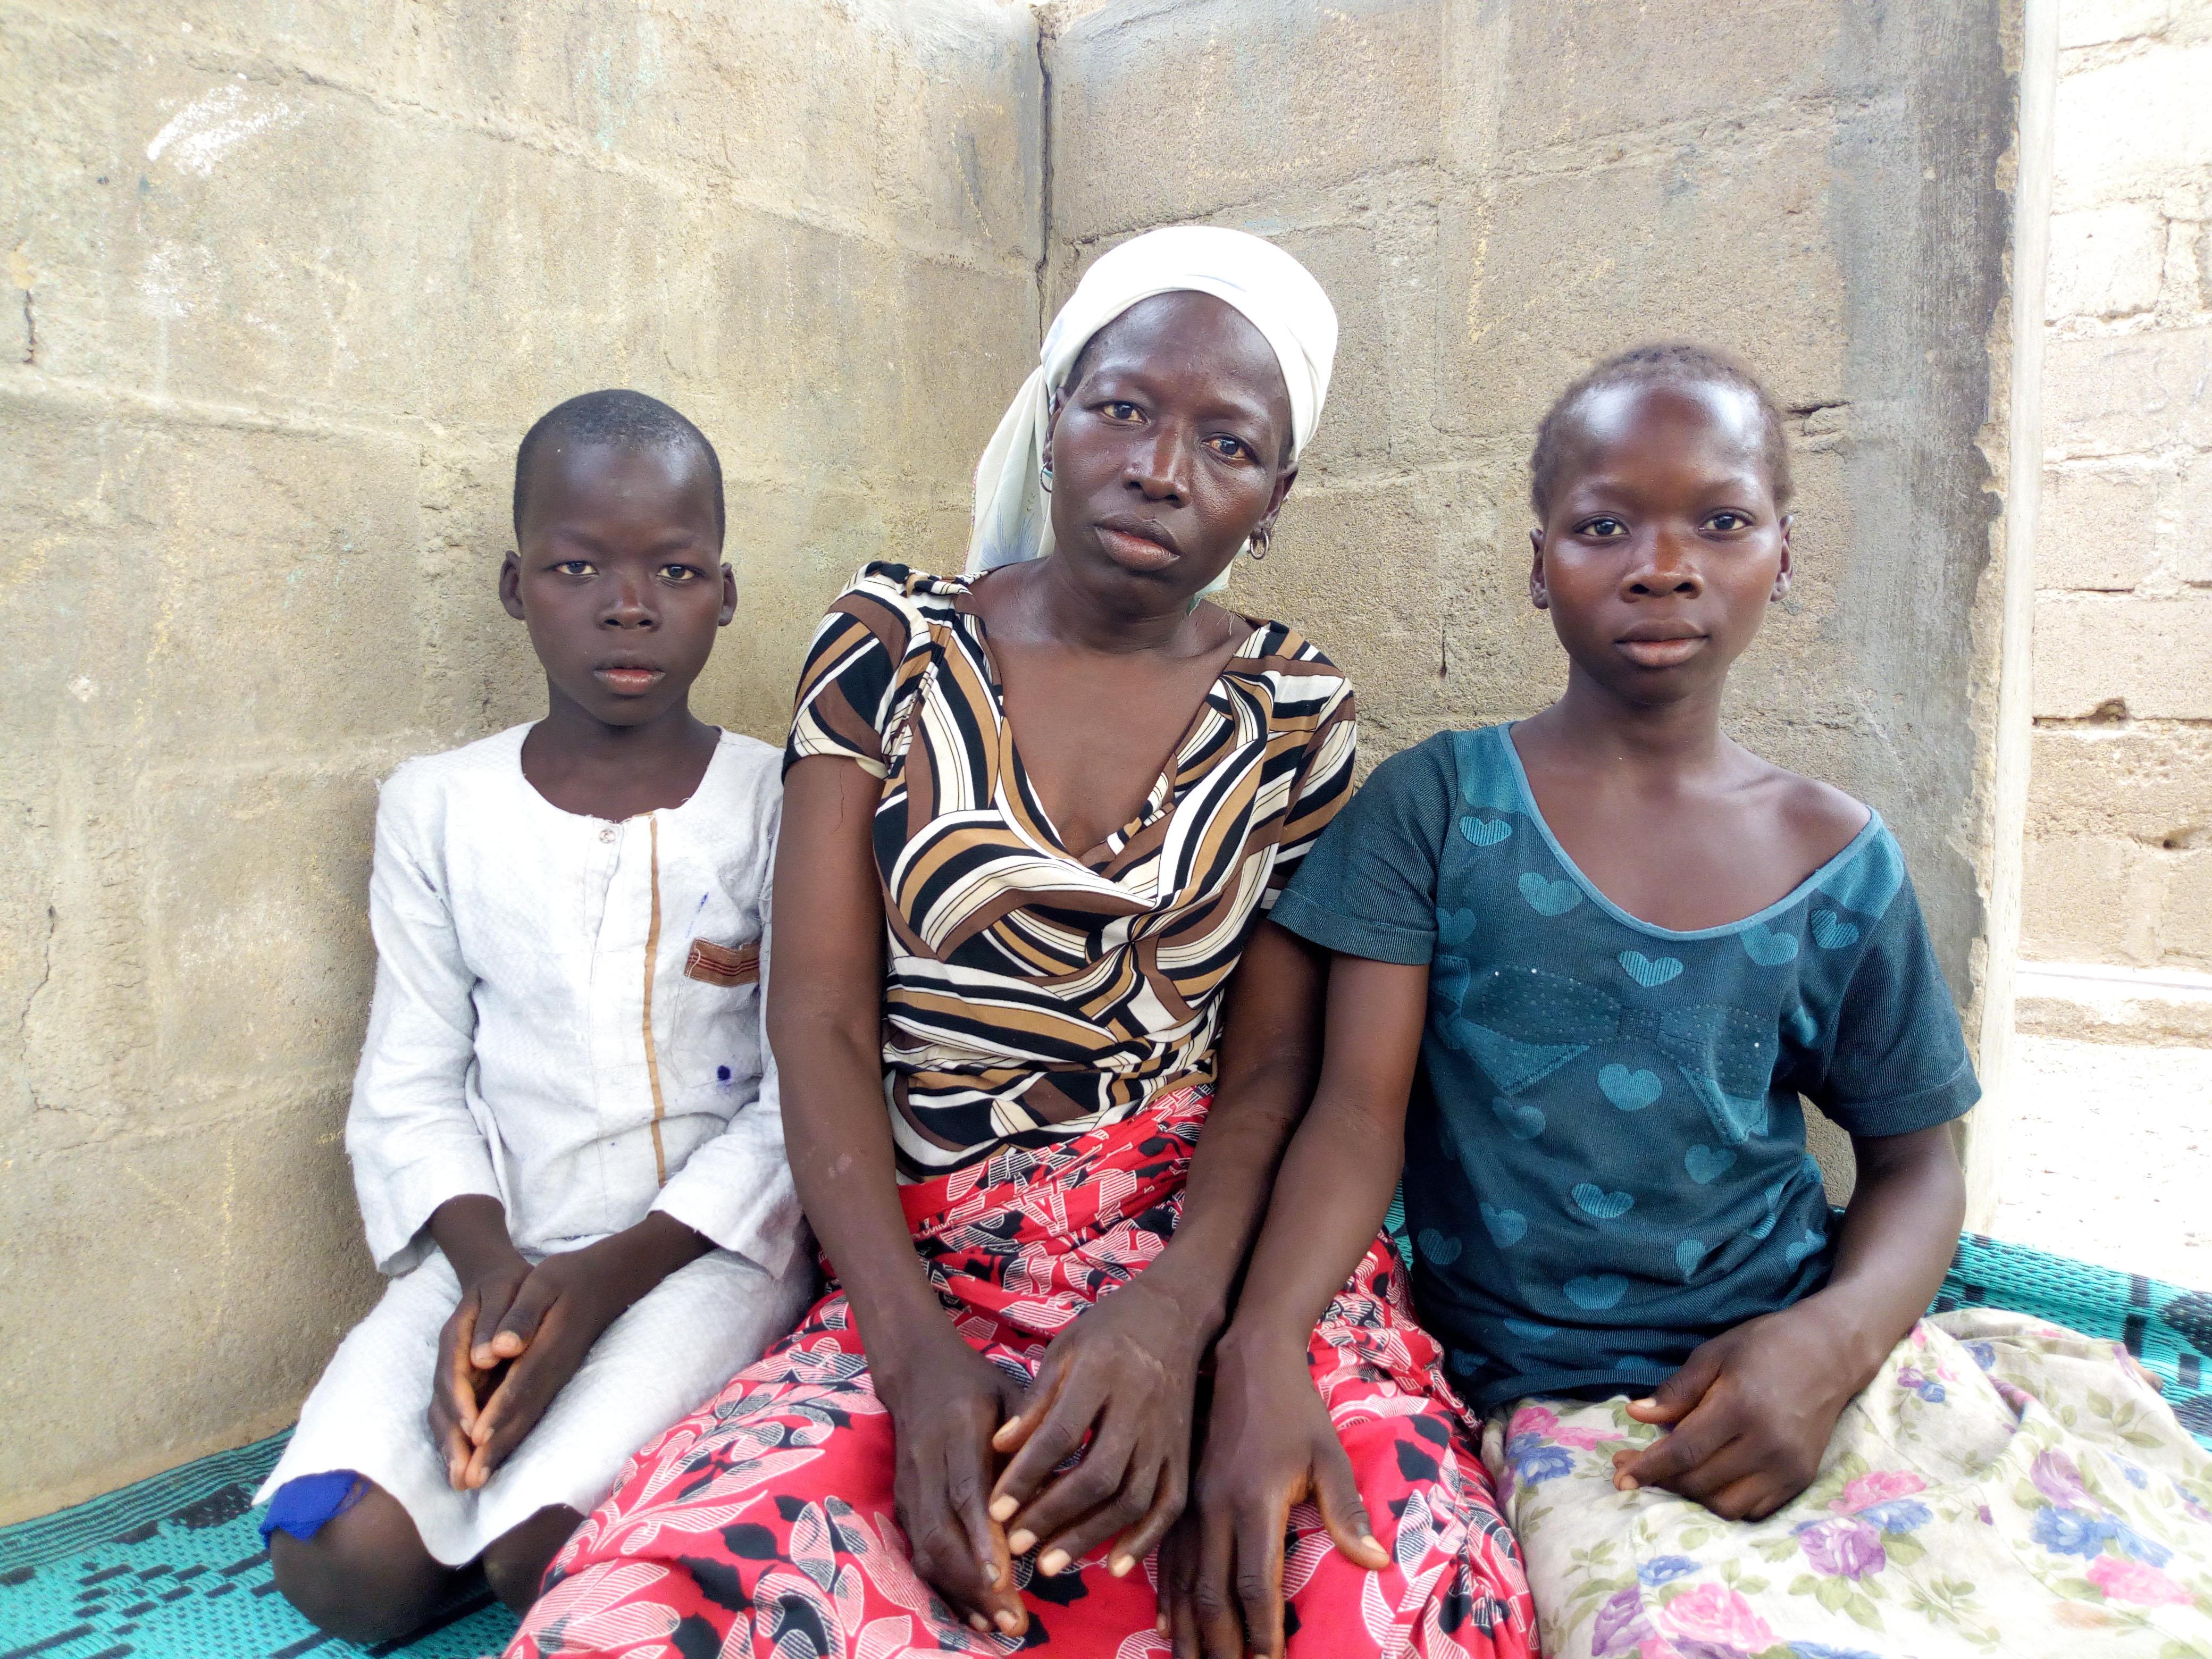 """Grávida sobrevive a ataque Fulani se escondendo em cova com os 5 filhos: """"Deus nos salvou"""""""